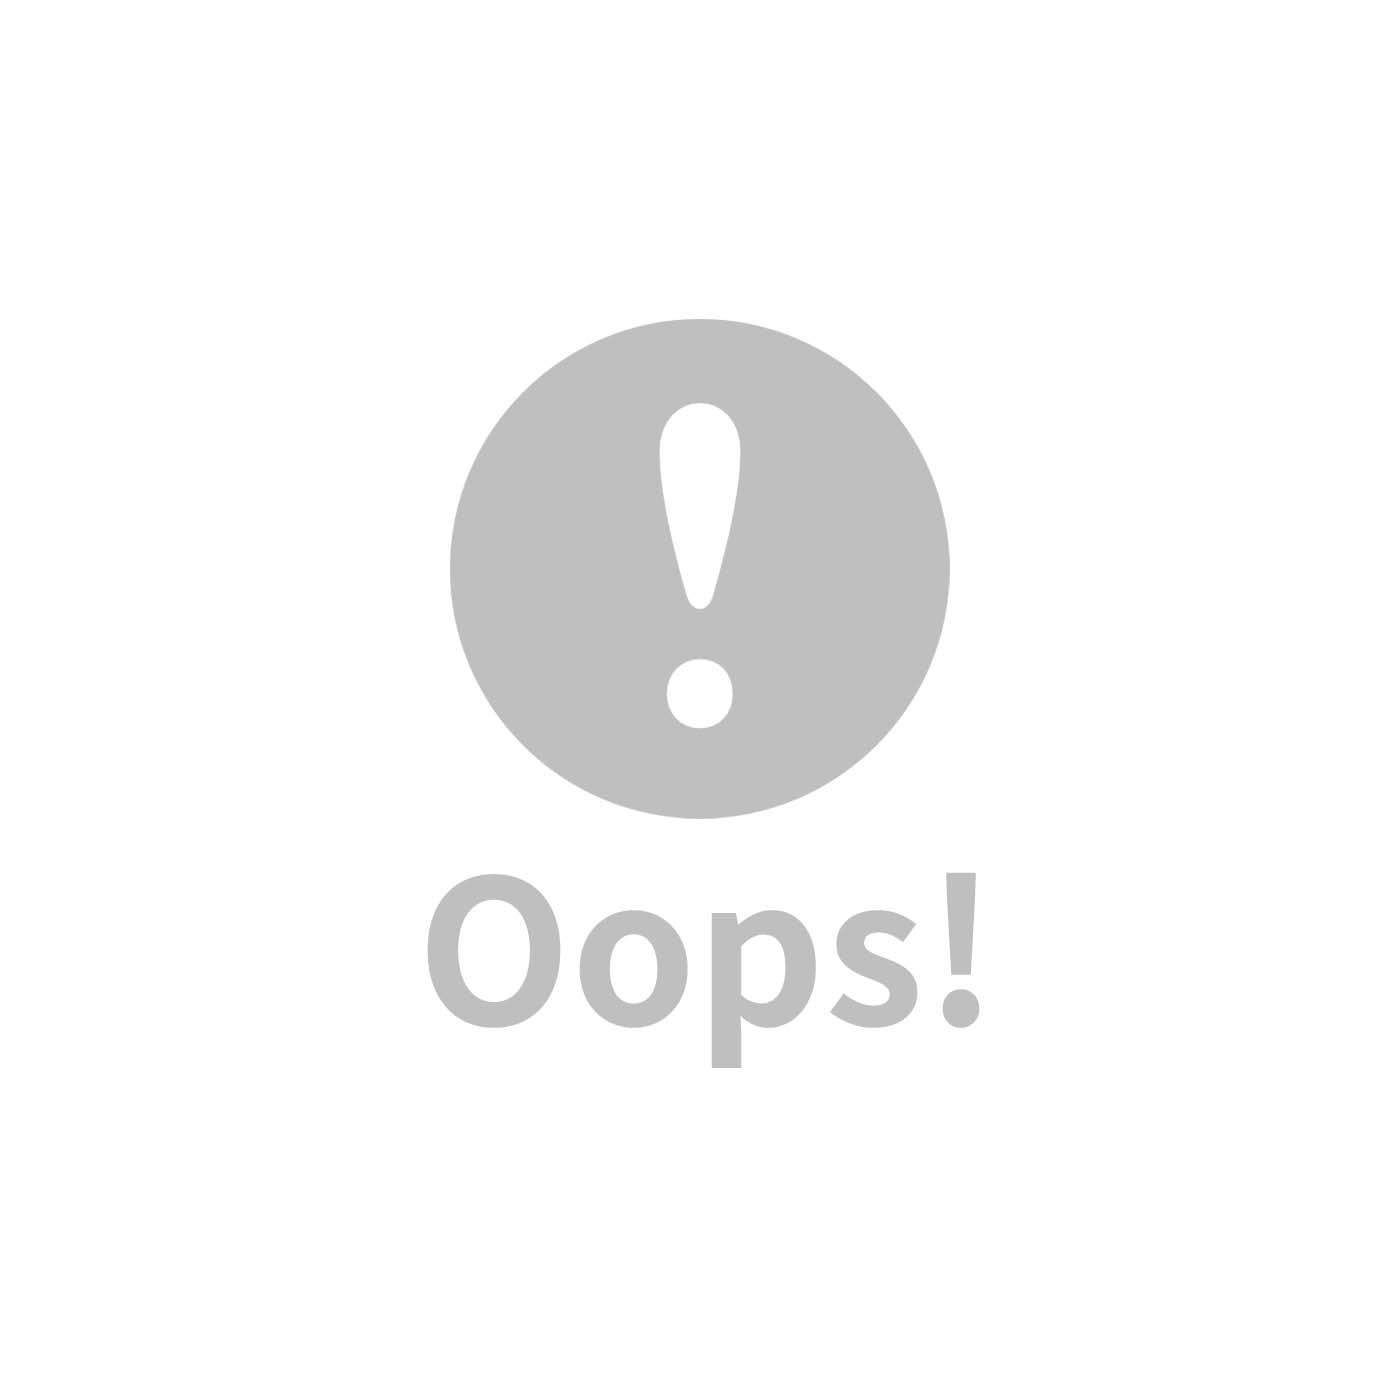 【5/28-5/30逗寶購物台專屬】air cossi 超透氣抗菌天絲坐墊_嬰兒推車枕頭 (新生兒全身包覆款0-4m)(輕柔藍)